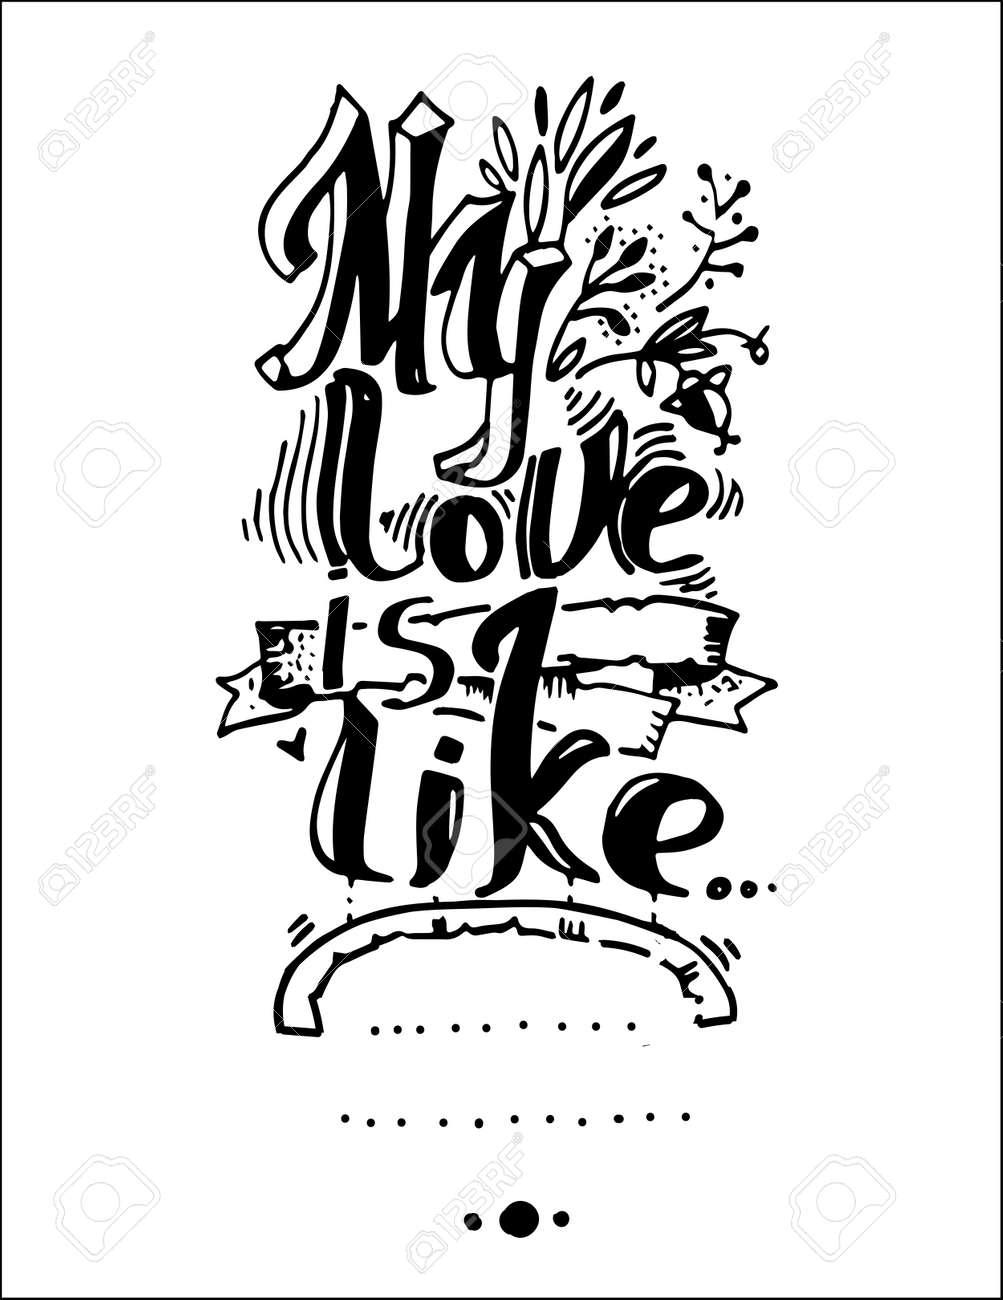 Lettre Mon Amour Est Comme Dessin à La Main Une Police Individuelle Noir Et Blanc